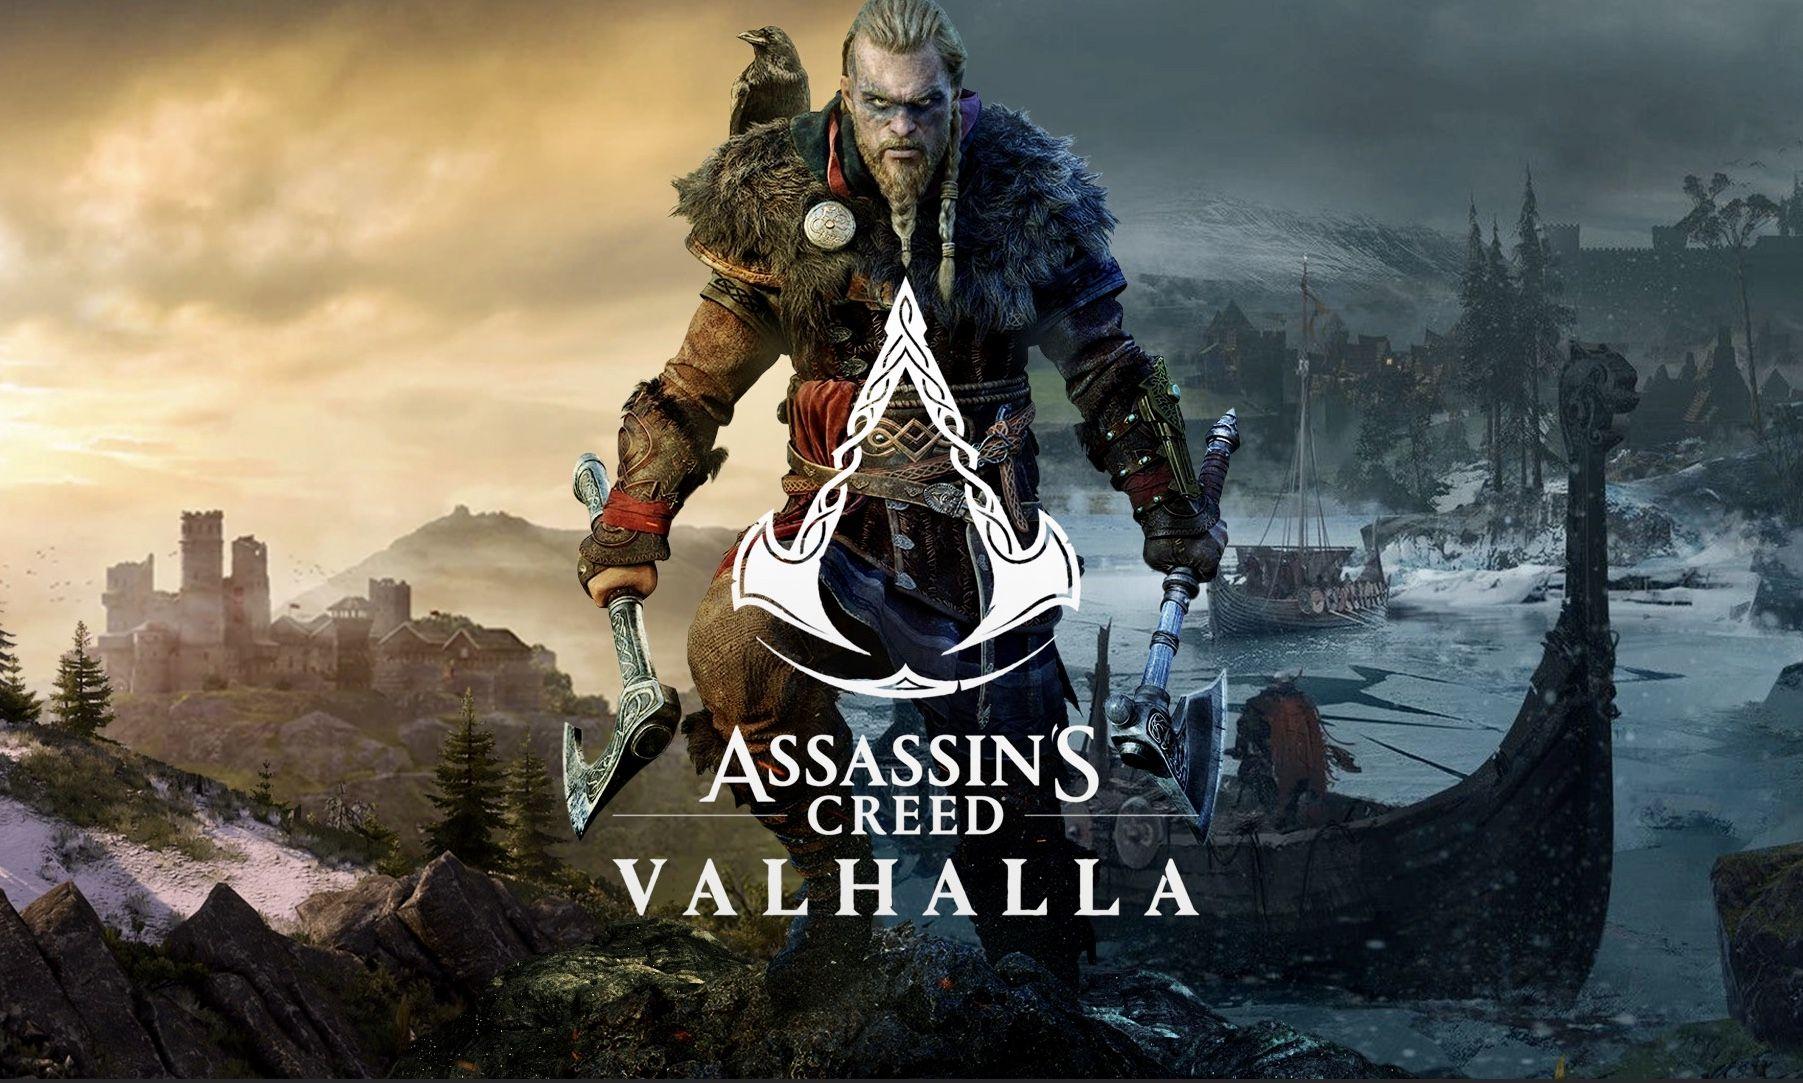 Assassin S Cree Valhalla Valgalla Oboi Wallpaper Na Rabochij Stol Telefon V 4k Full Hd In 2020 Assassin S Creed Valhalla Assassins Creed